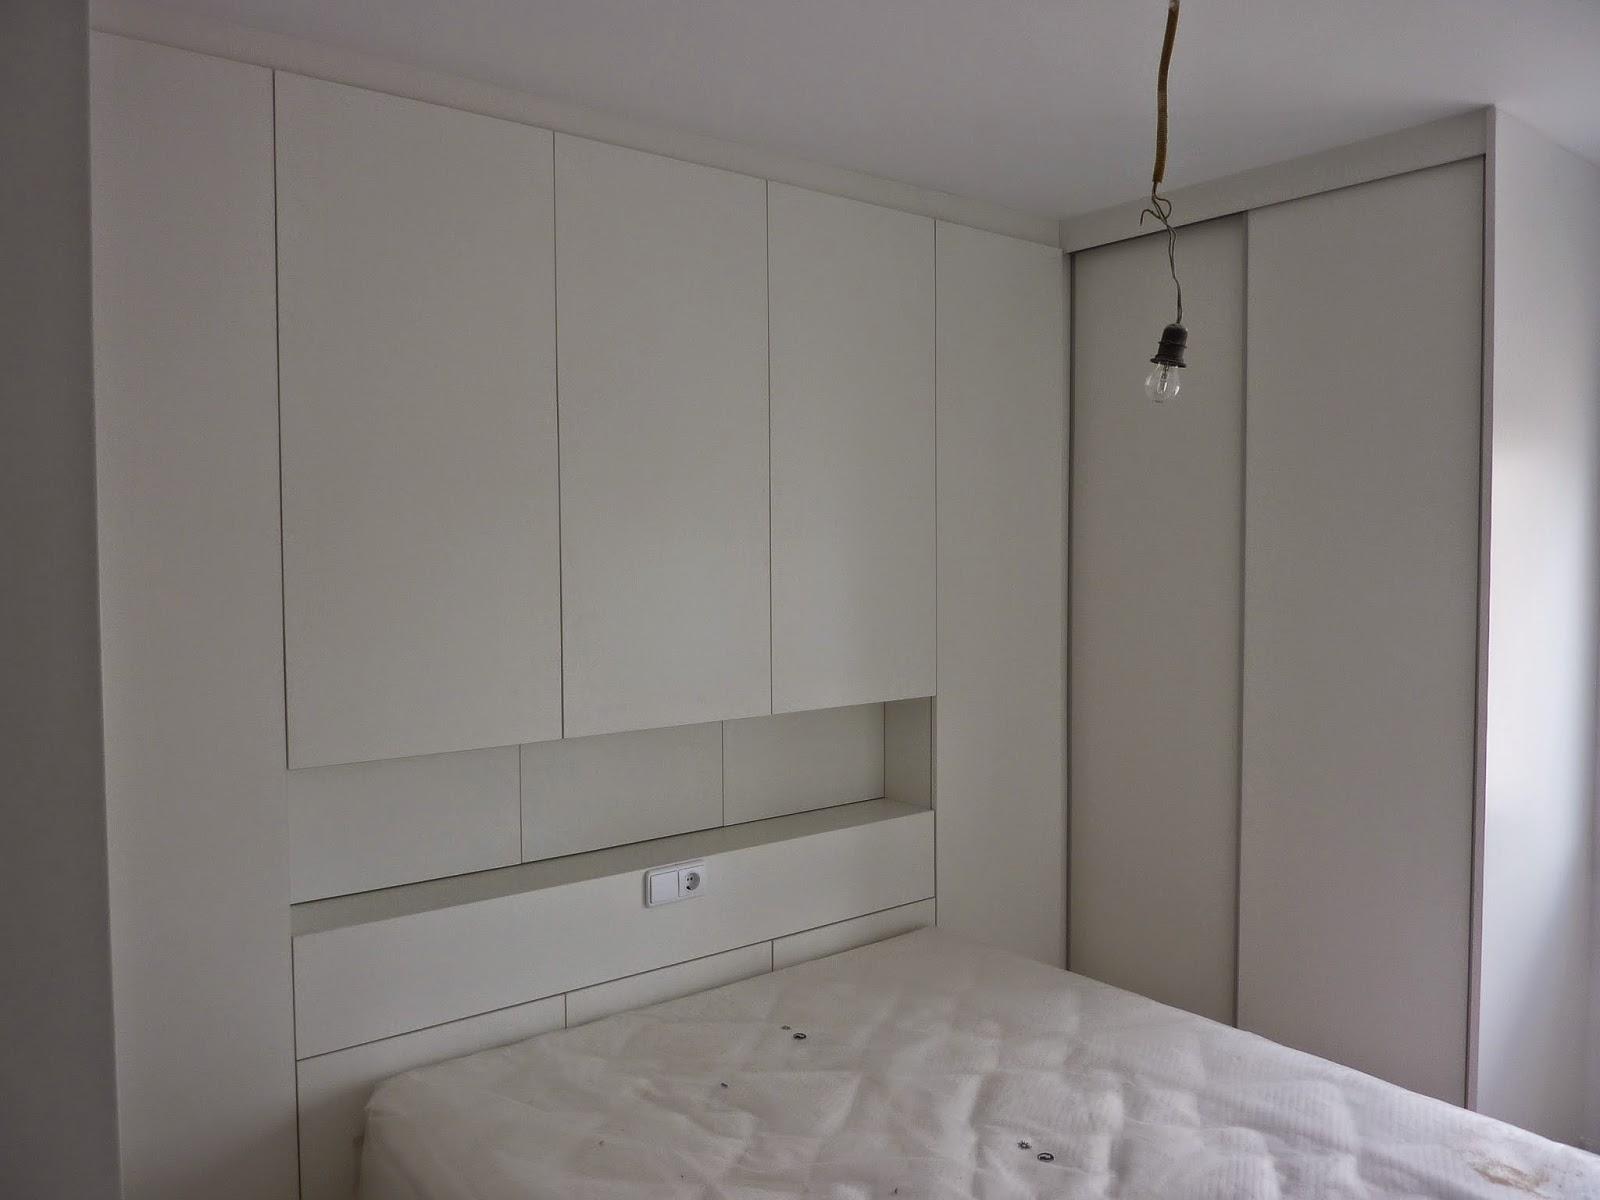 Carpinteria muebles a medida mueble dormitorio a medida - Dormitorio a medida ...